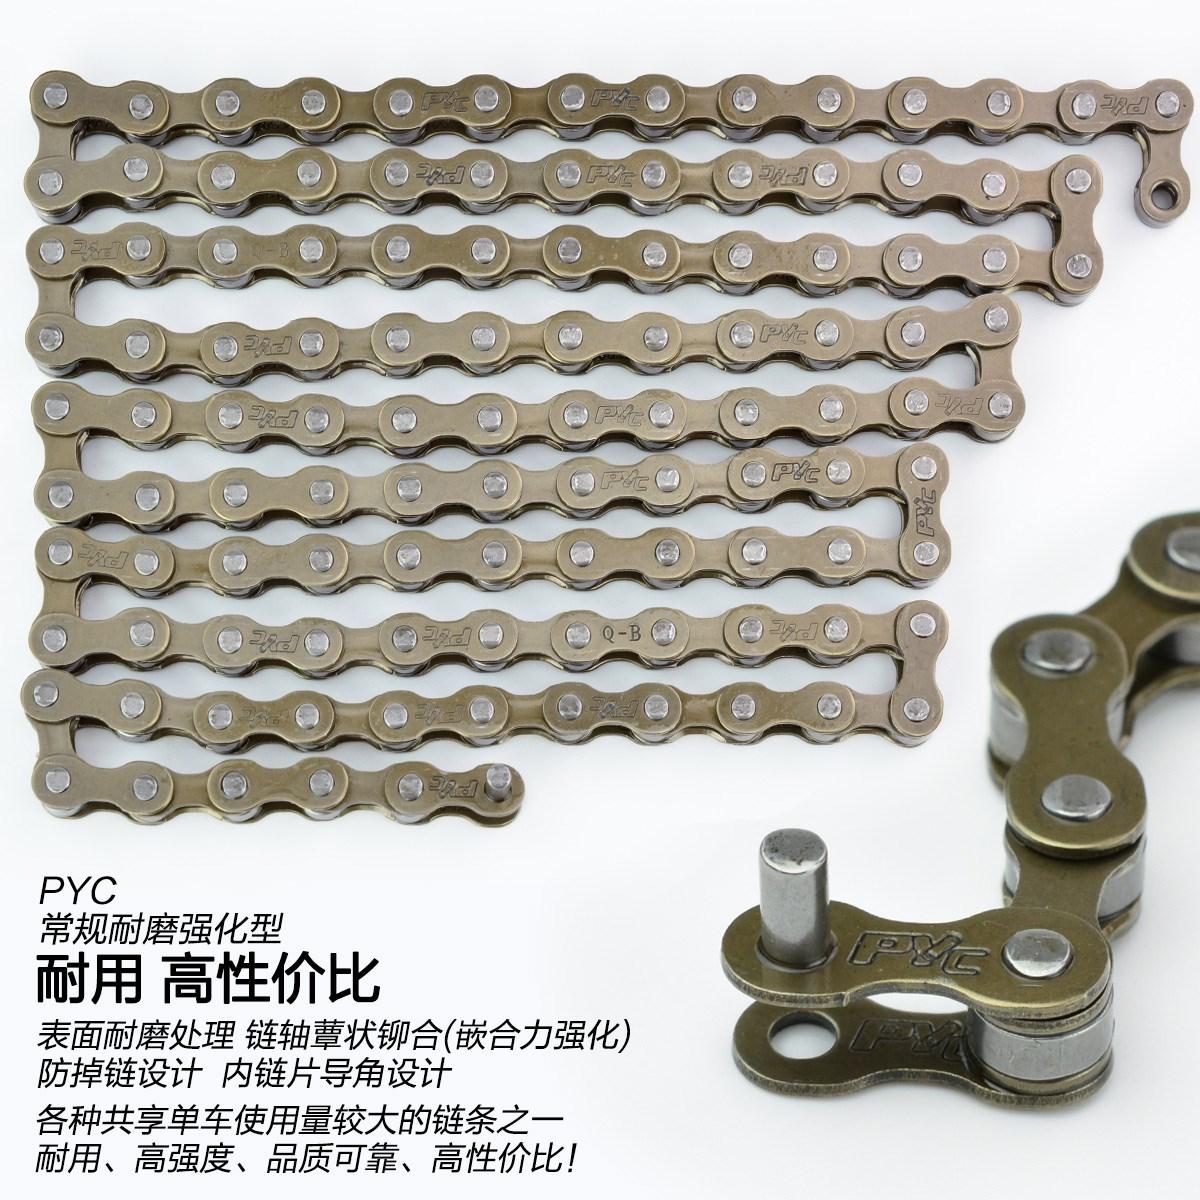 La cadena de transmisión para dama en bicicleta coche cuna universal de velocidad única cadena cadena de una bicicleta de mujeres muerte volando